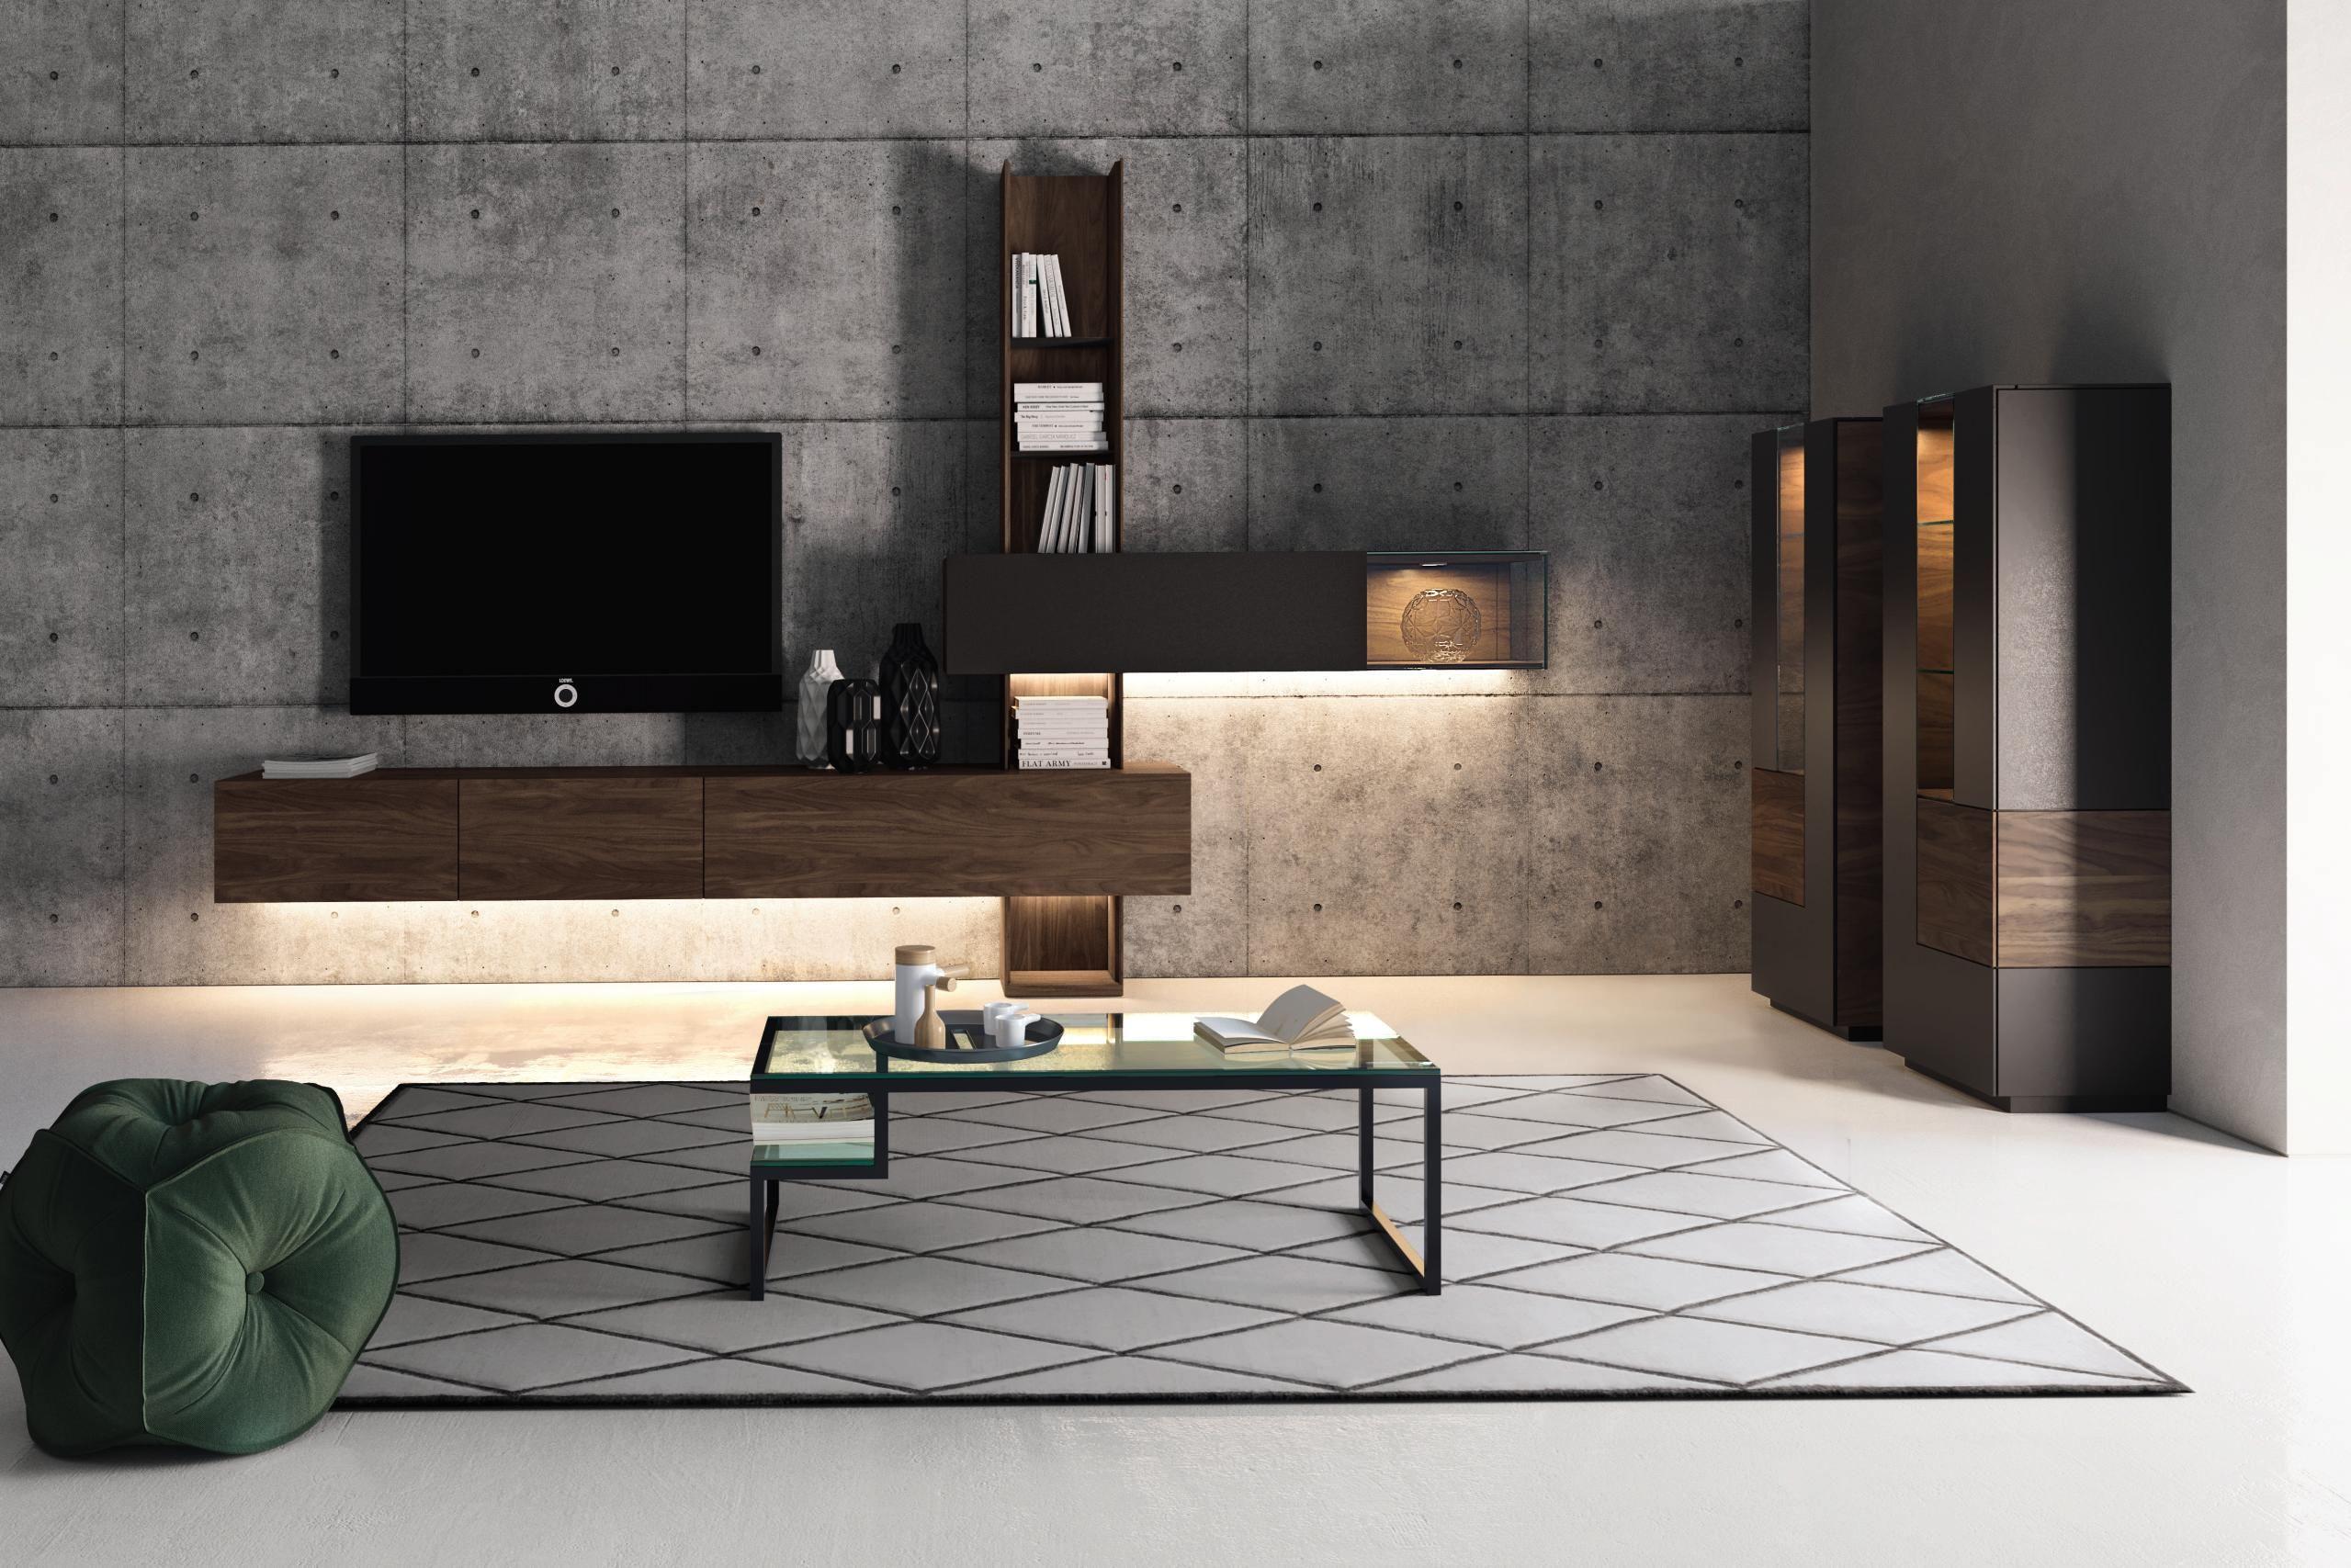 Die edle Wohnwand von HÜLSTA begeistert Designliebhaber